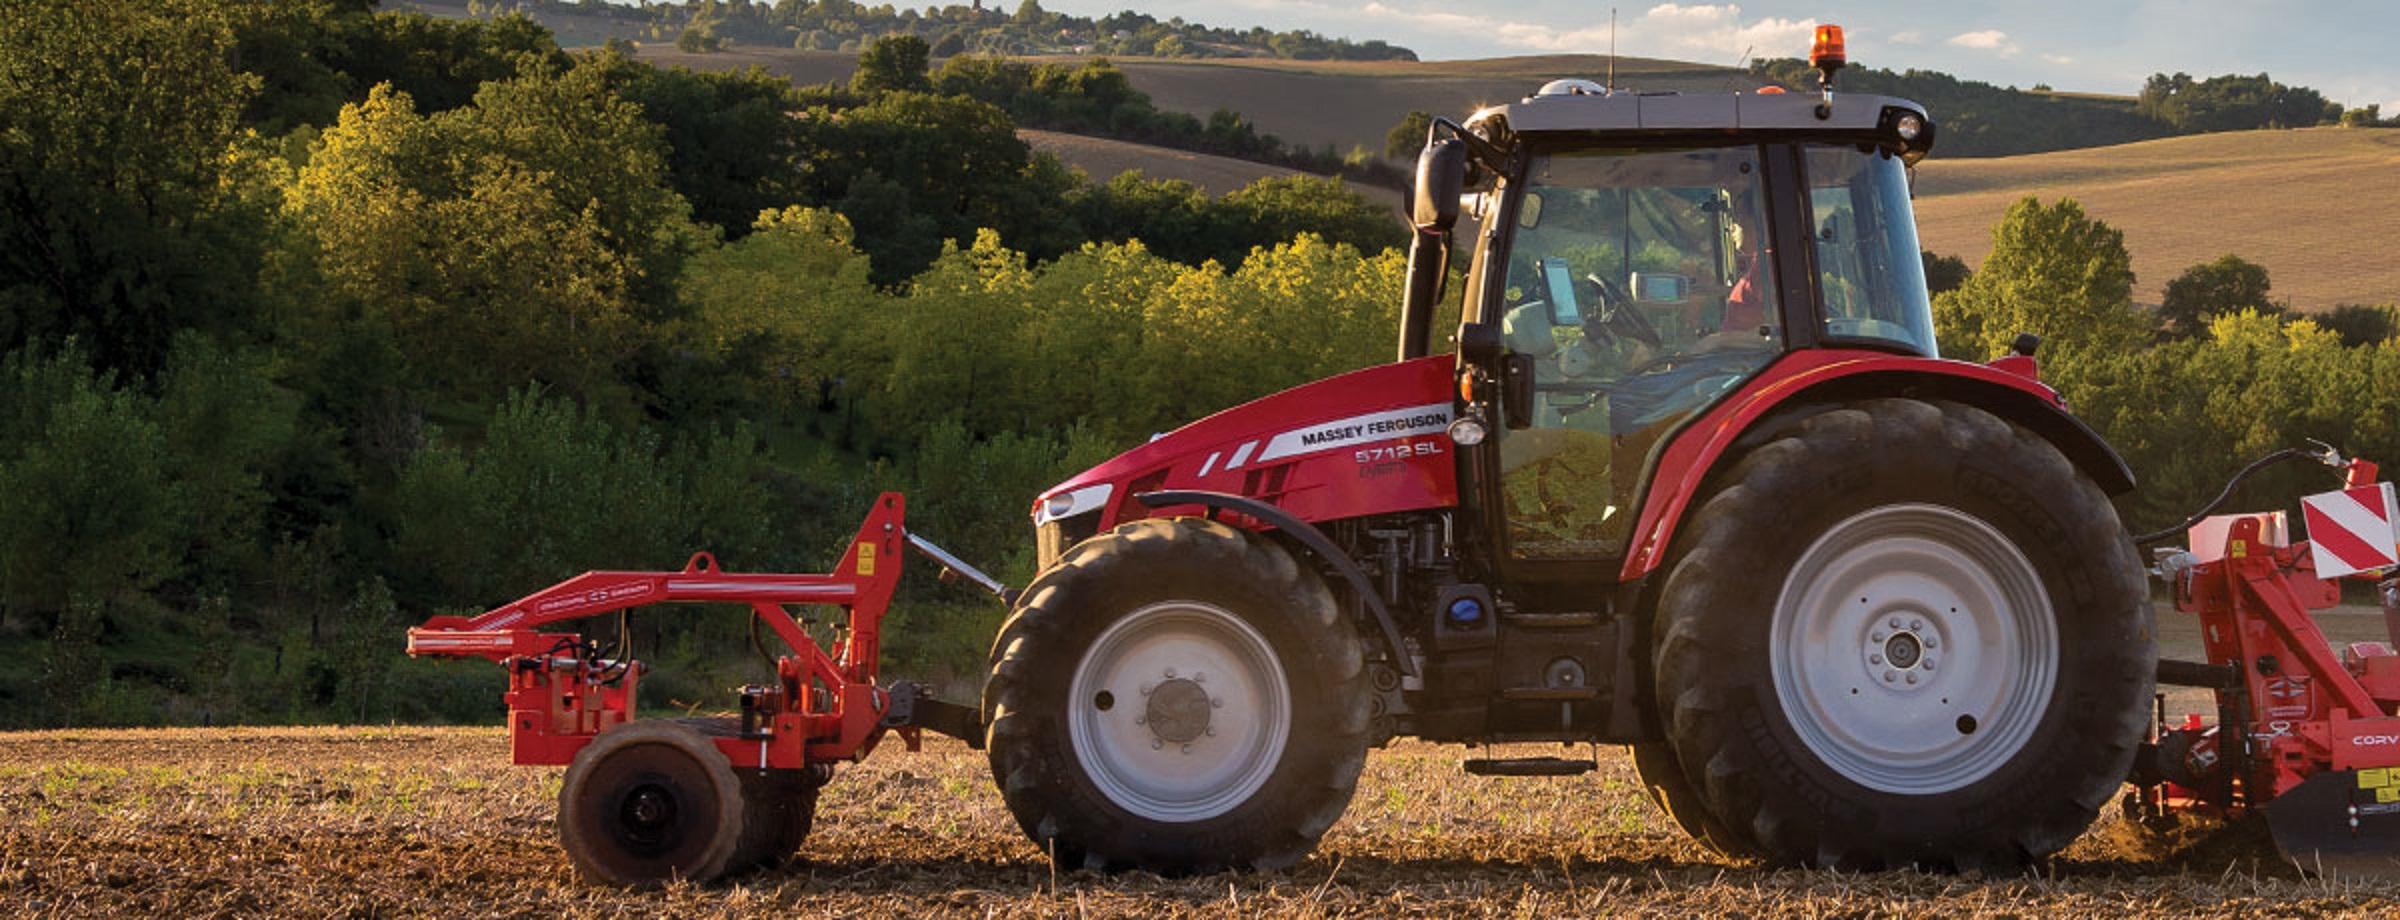 Massey Ferguson presenta potente tractor de alto rendimiento y tecnología